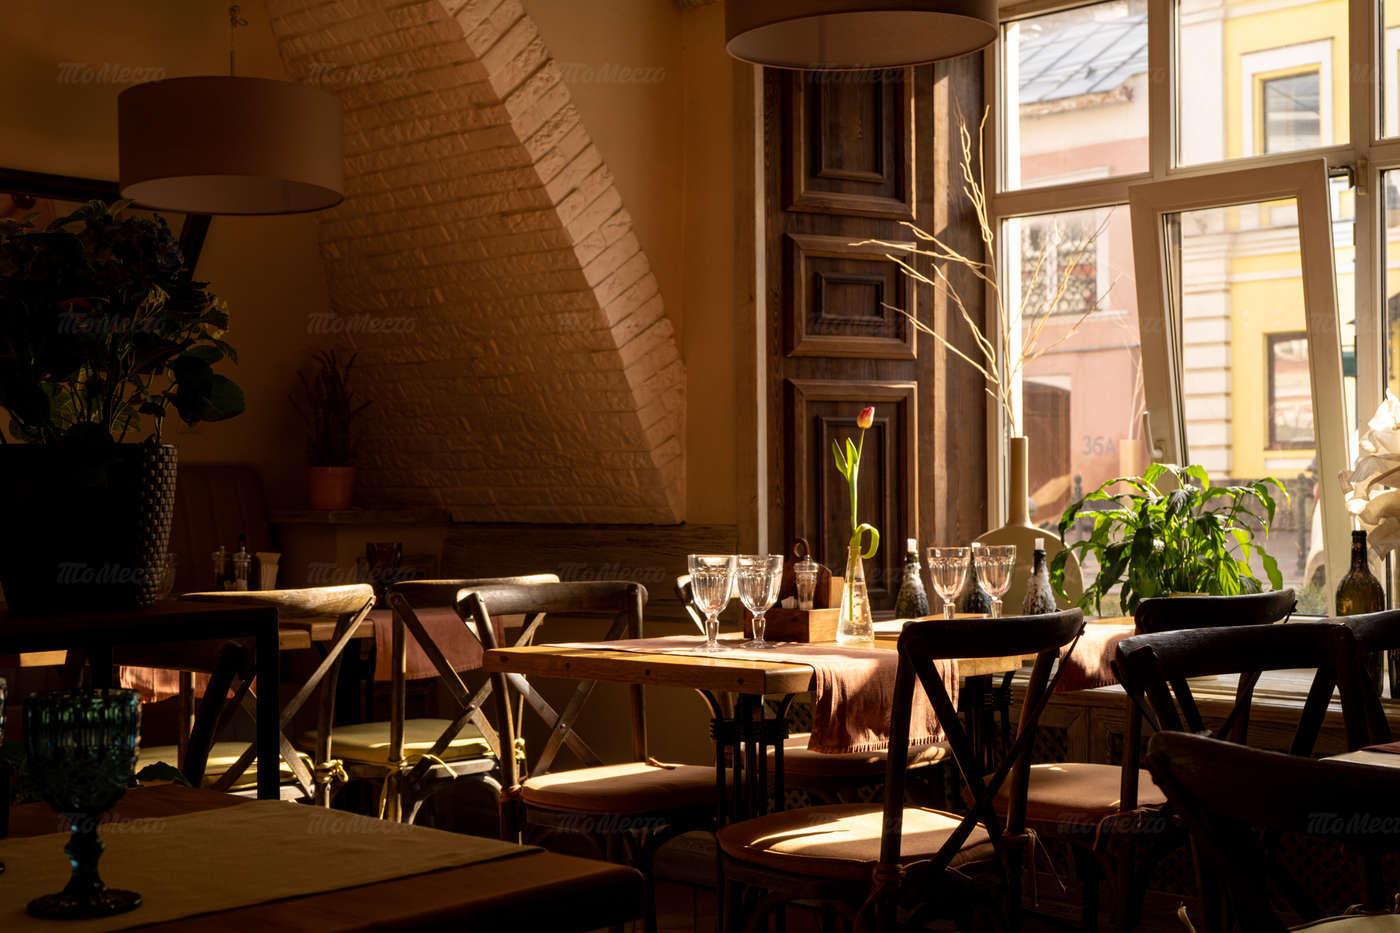 Ресторан Роберто (бывш. La Cantinetta da Roberto) на Рождественской улице фото 3